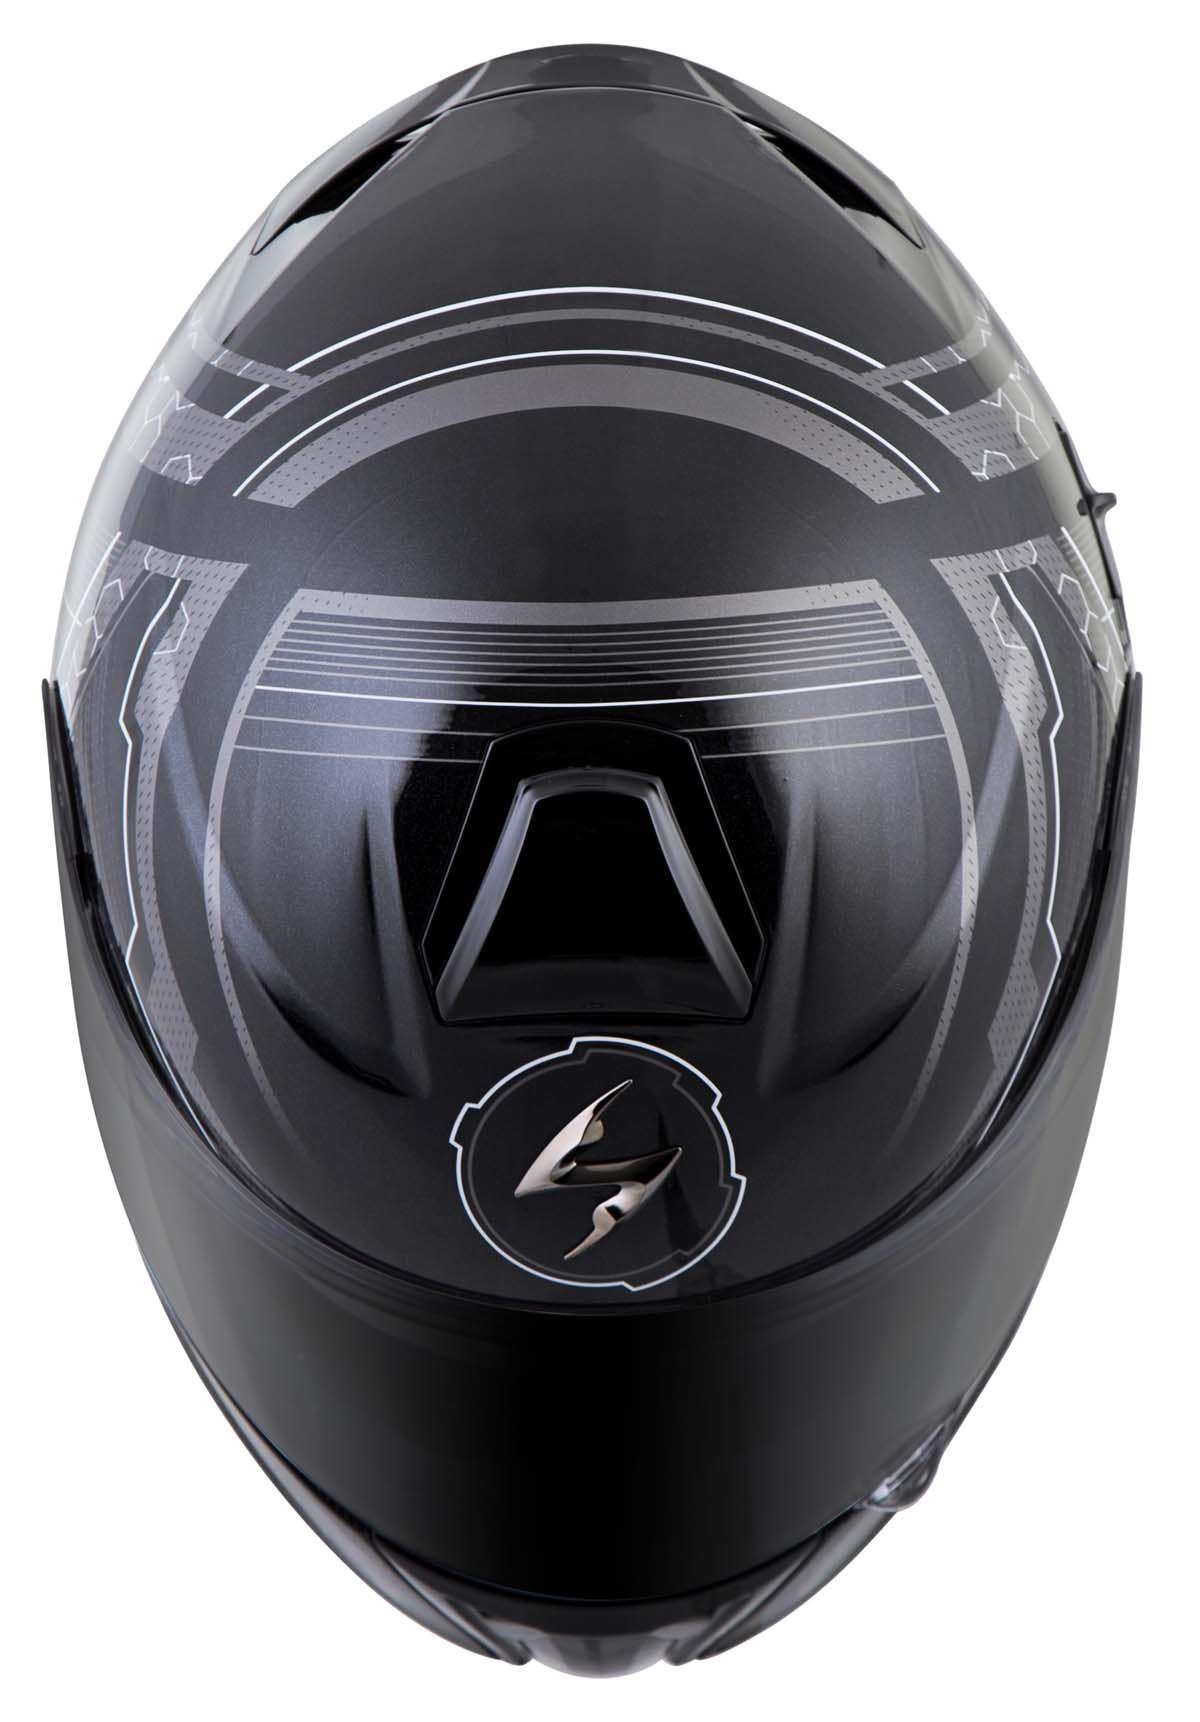 Scorpion-EXO-GT920-Helmet-Sport-Touring-Modular-Flip-Up-DOT-Approved-XS-3XL miniature 21